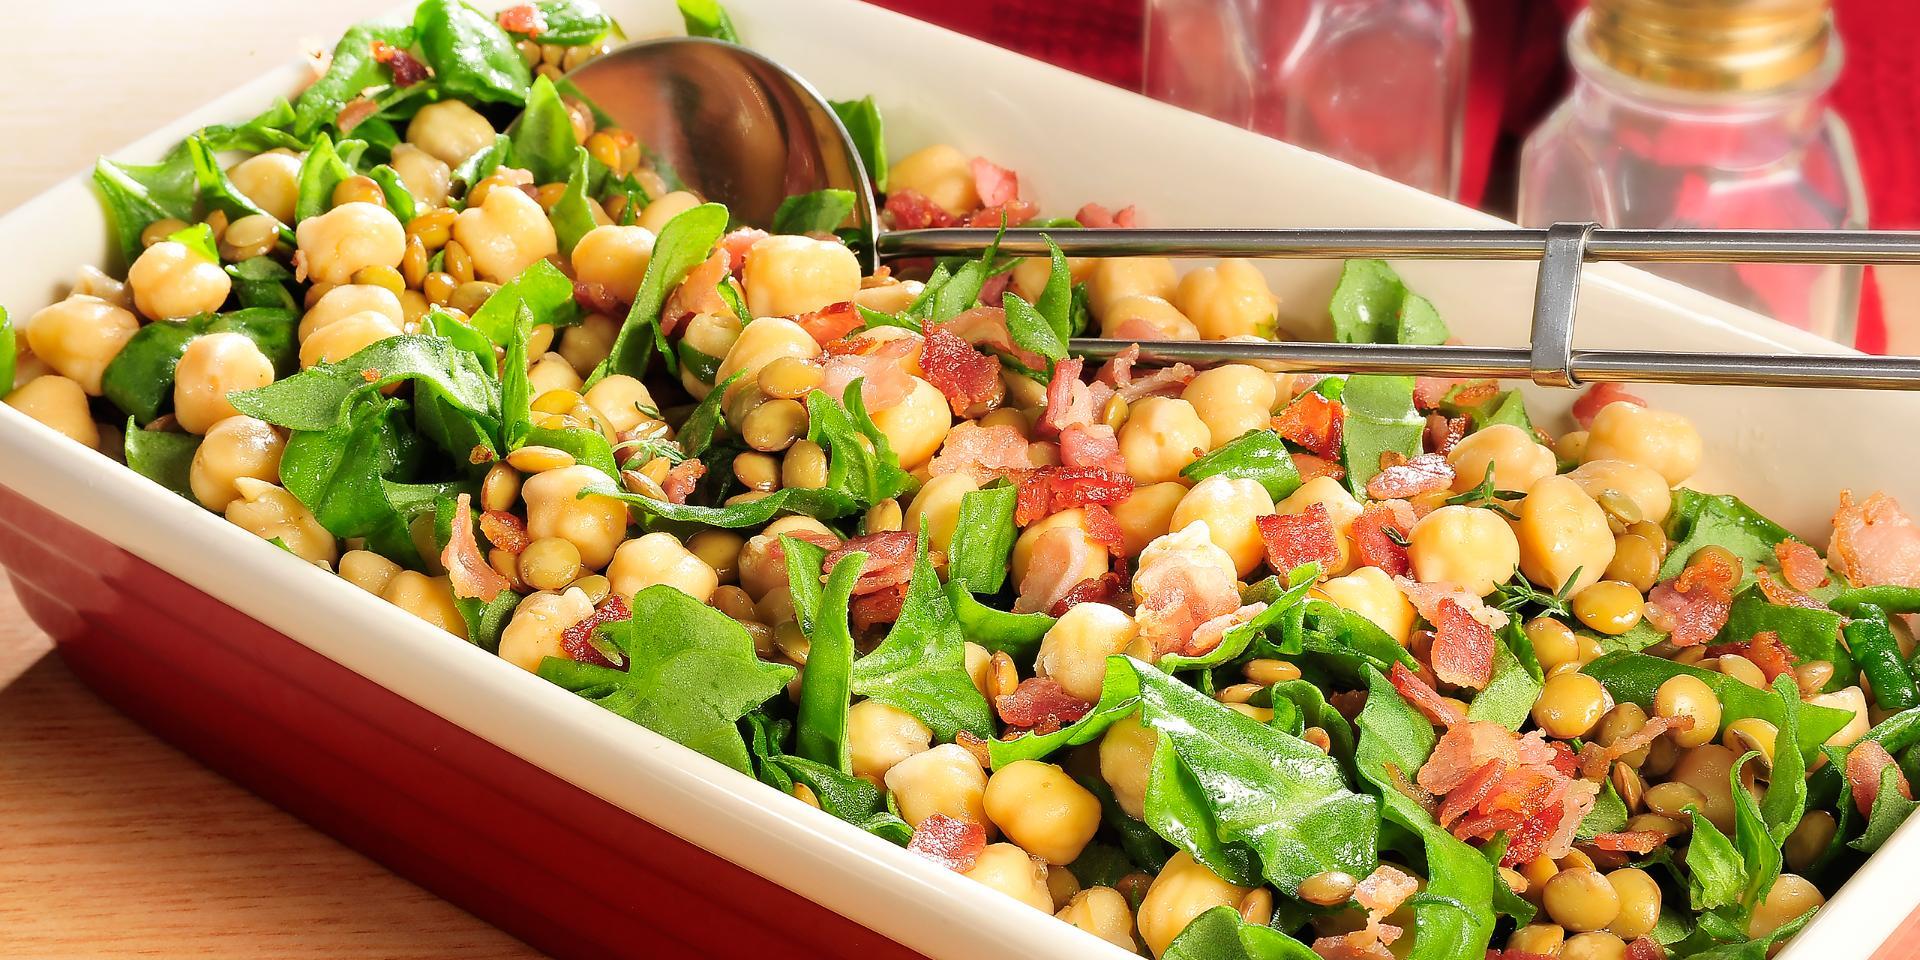 salada-de-lentilha-grao-de-bico-e-espinafre-1390-8ec8e7b4f988e176d29acb9ce8a53743-0